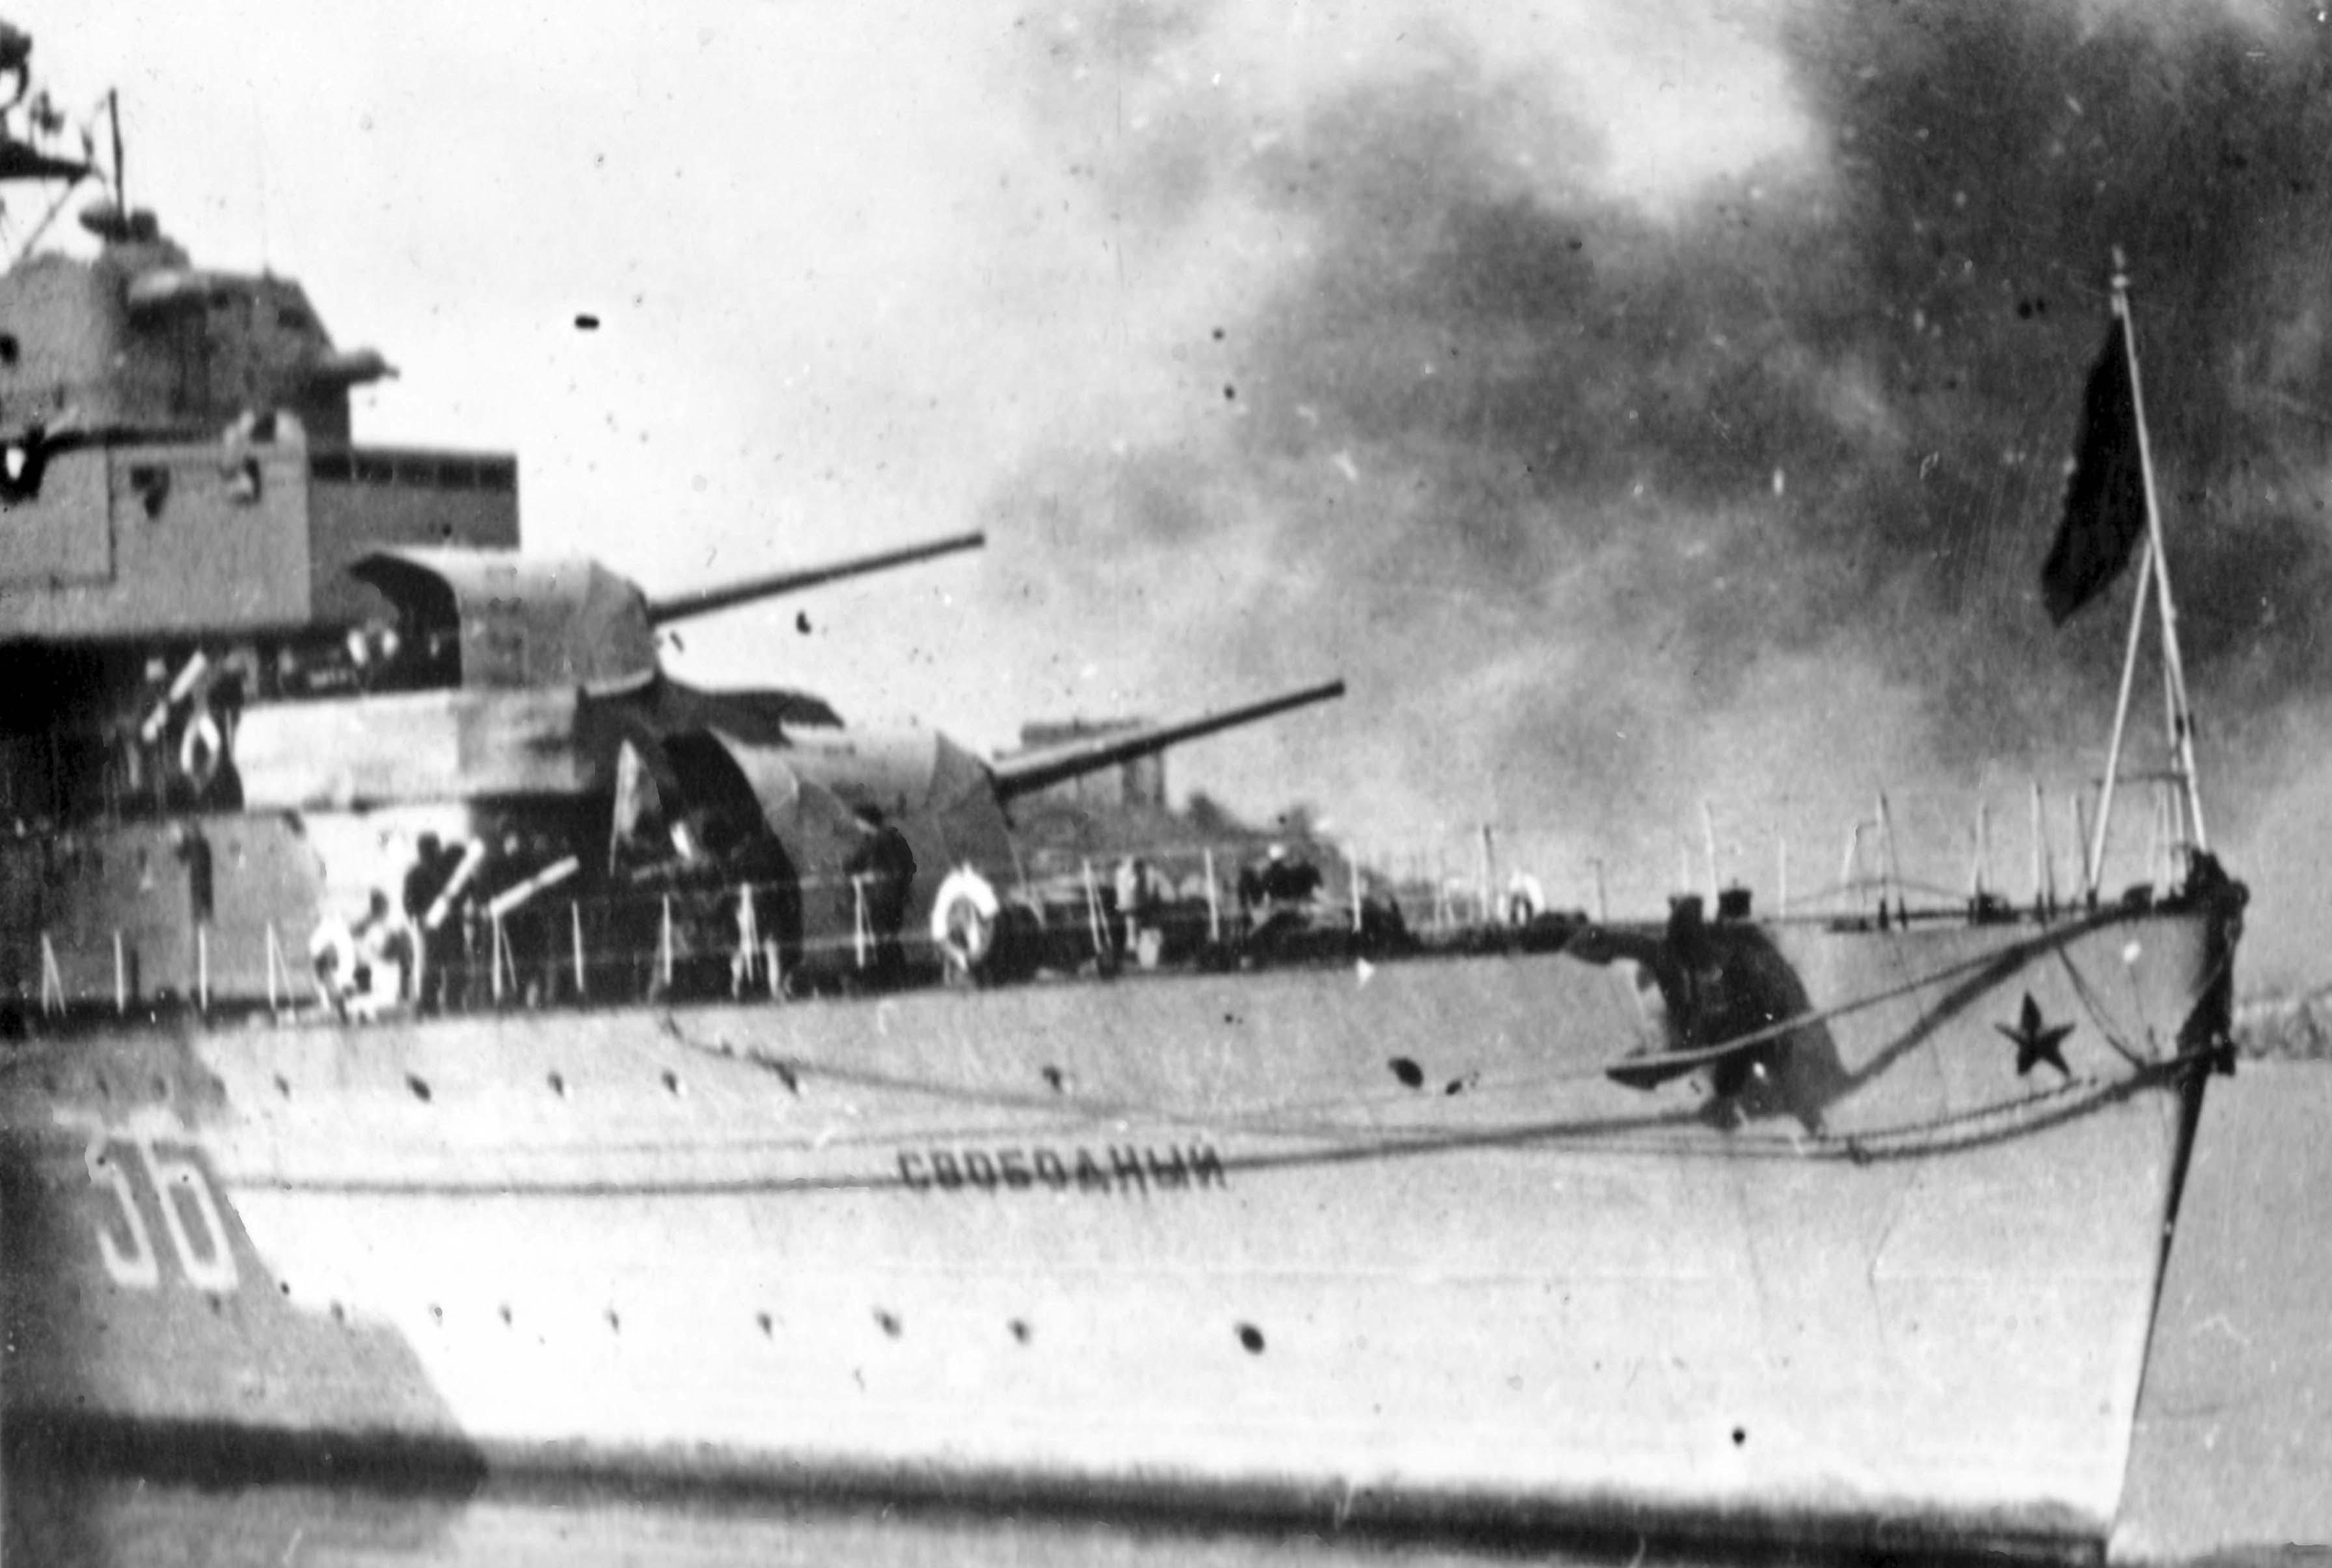 destroyer Svobodny